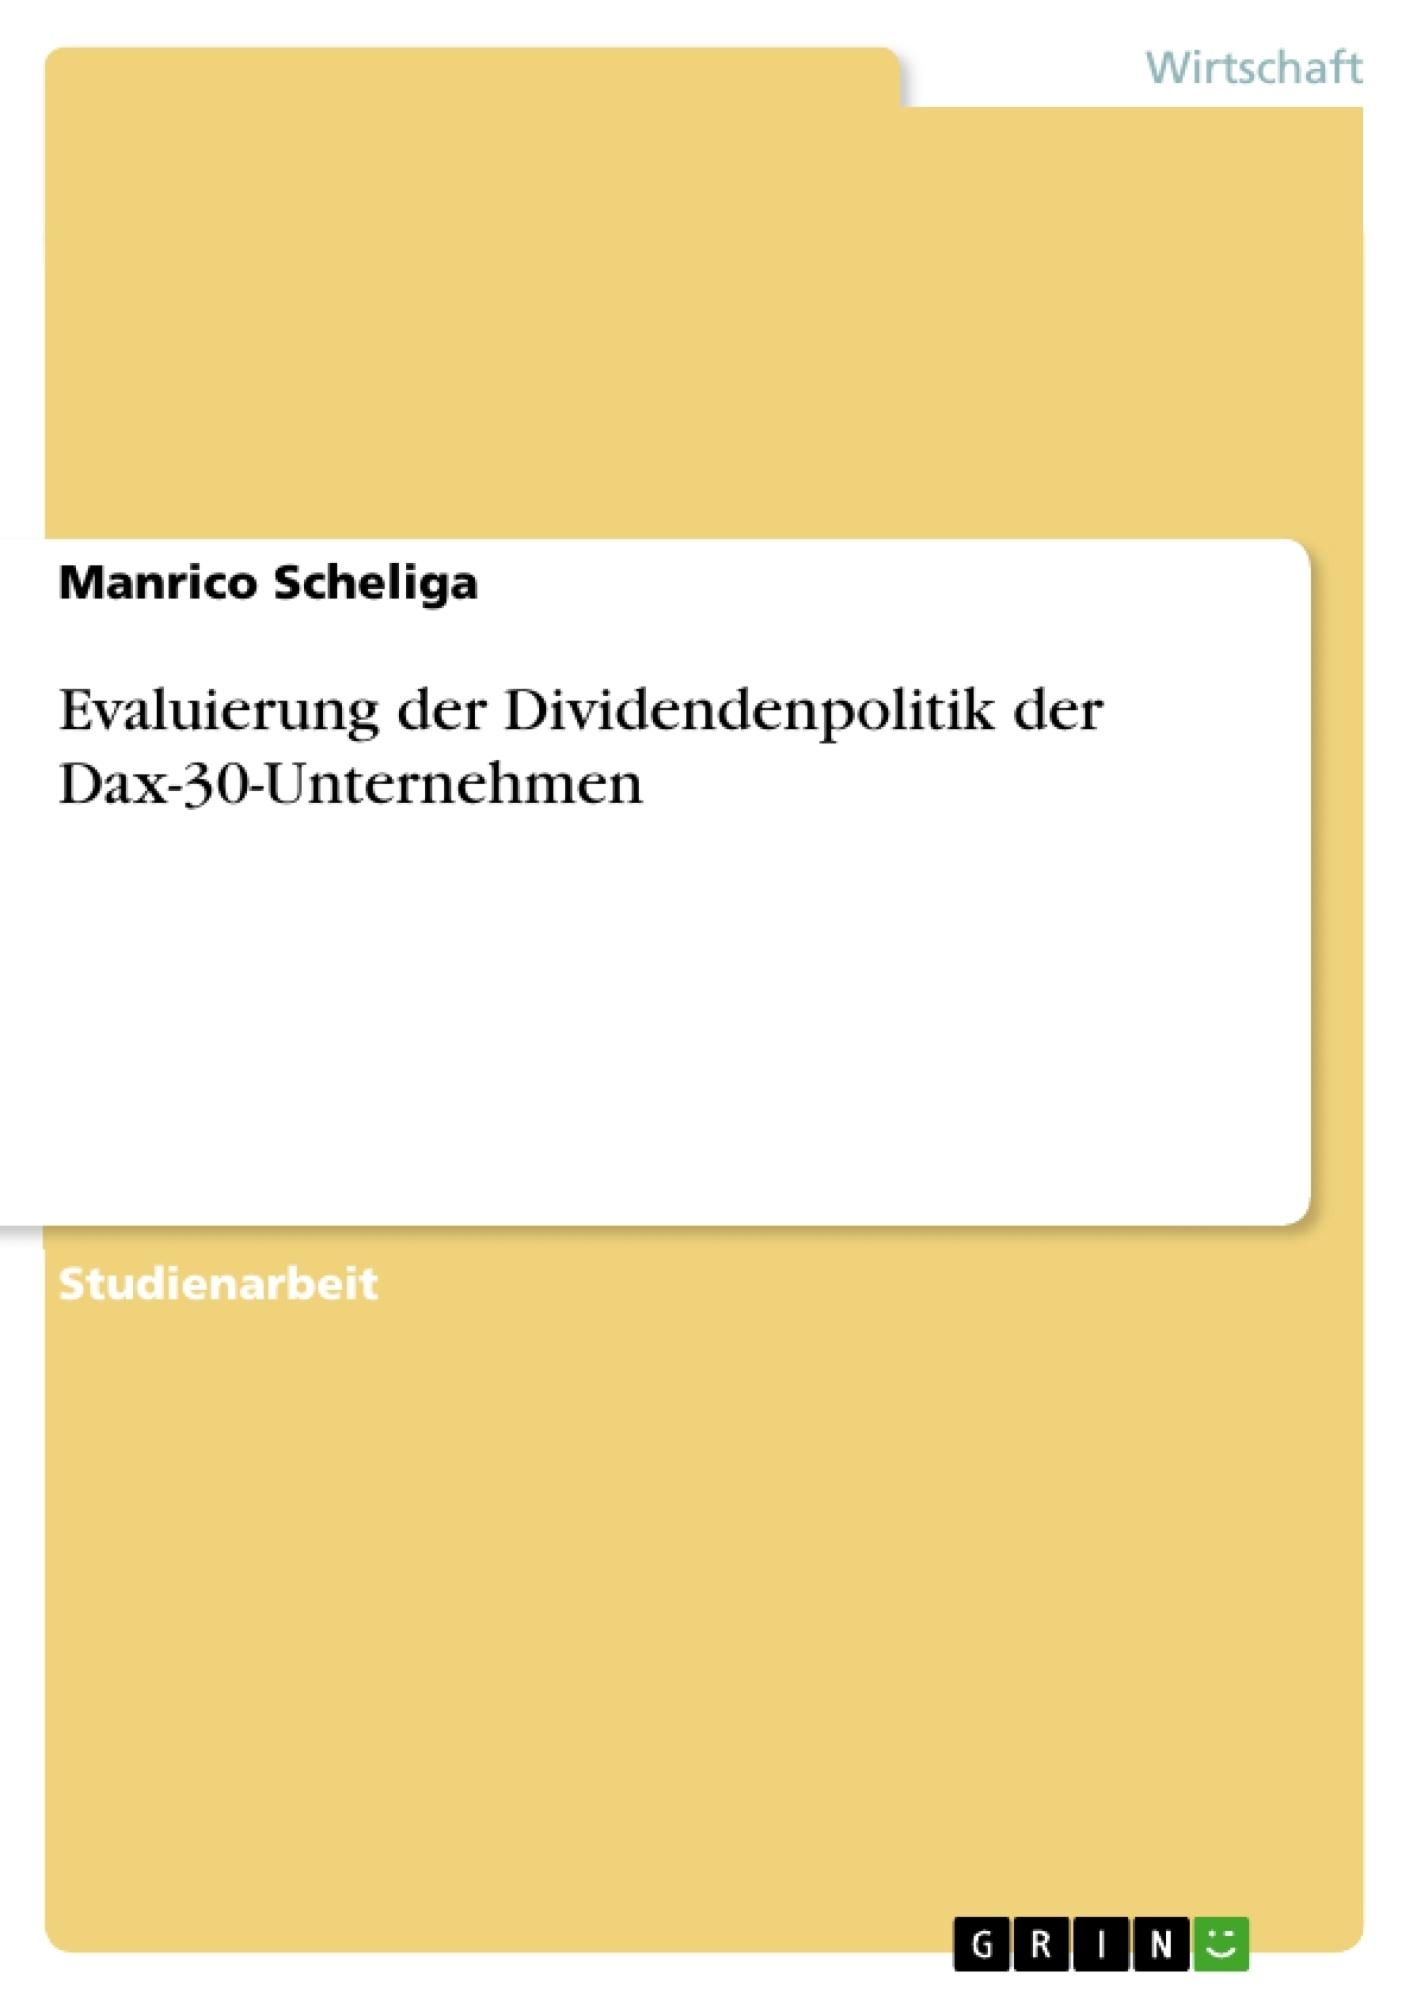 Titel: Evaluierung der Dividendenpolitik der Dax-30-Unternehmen